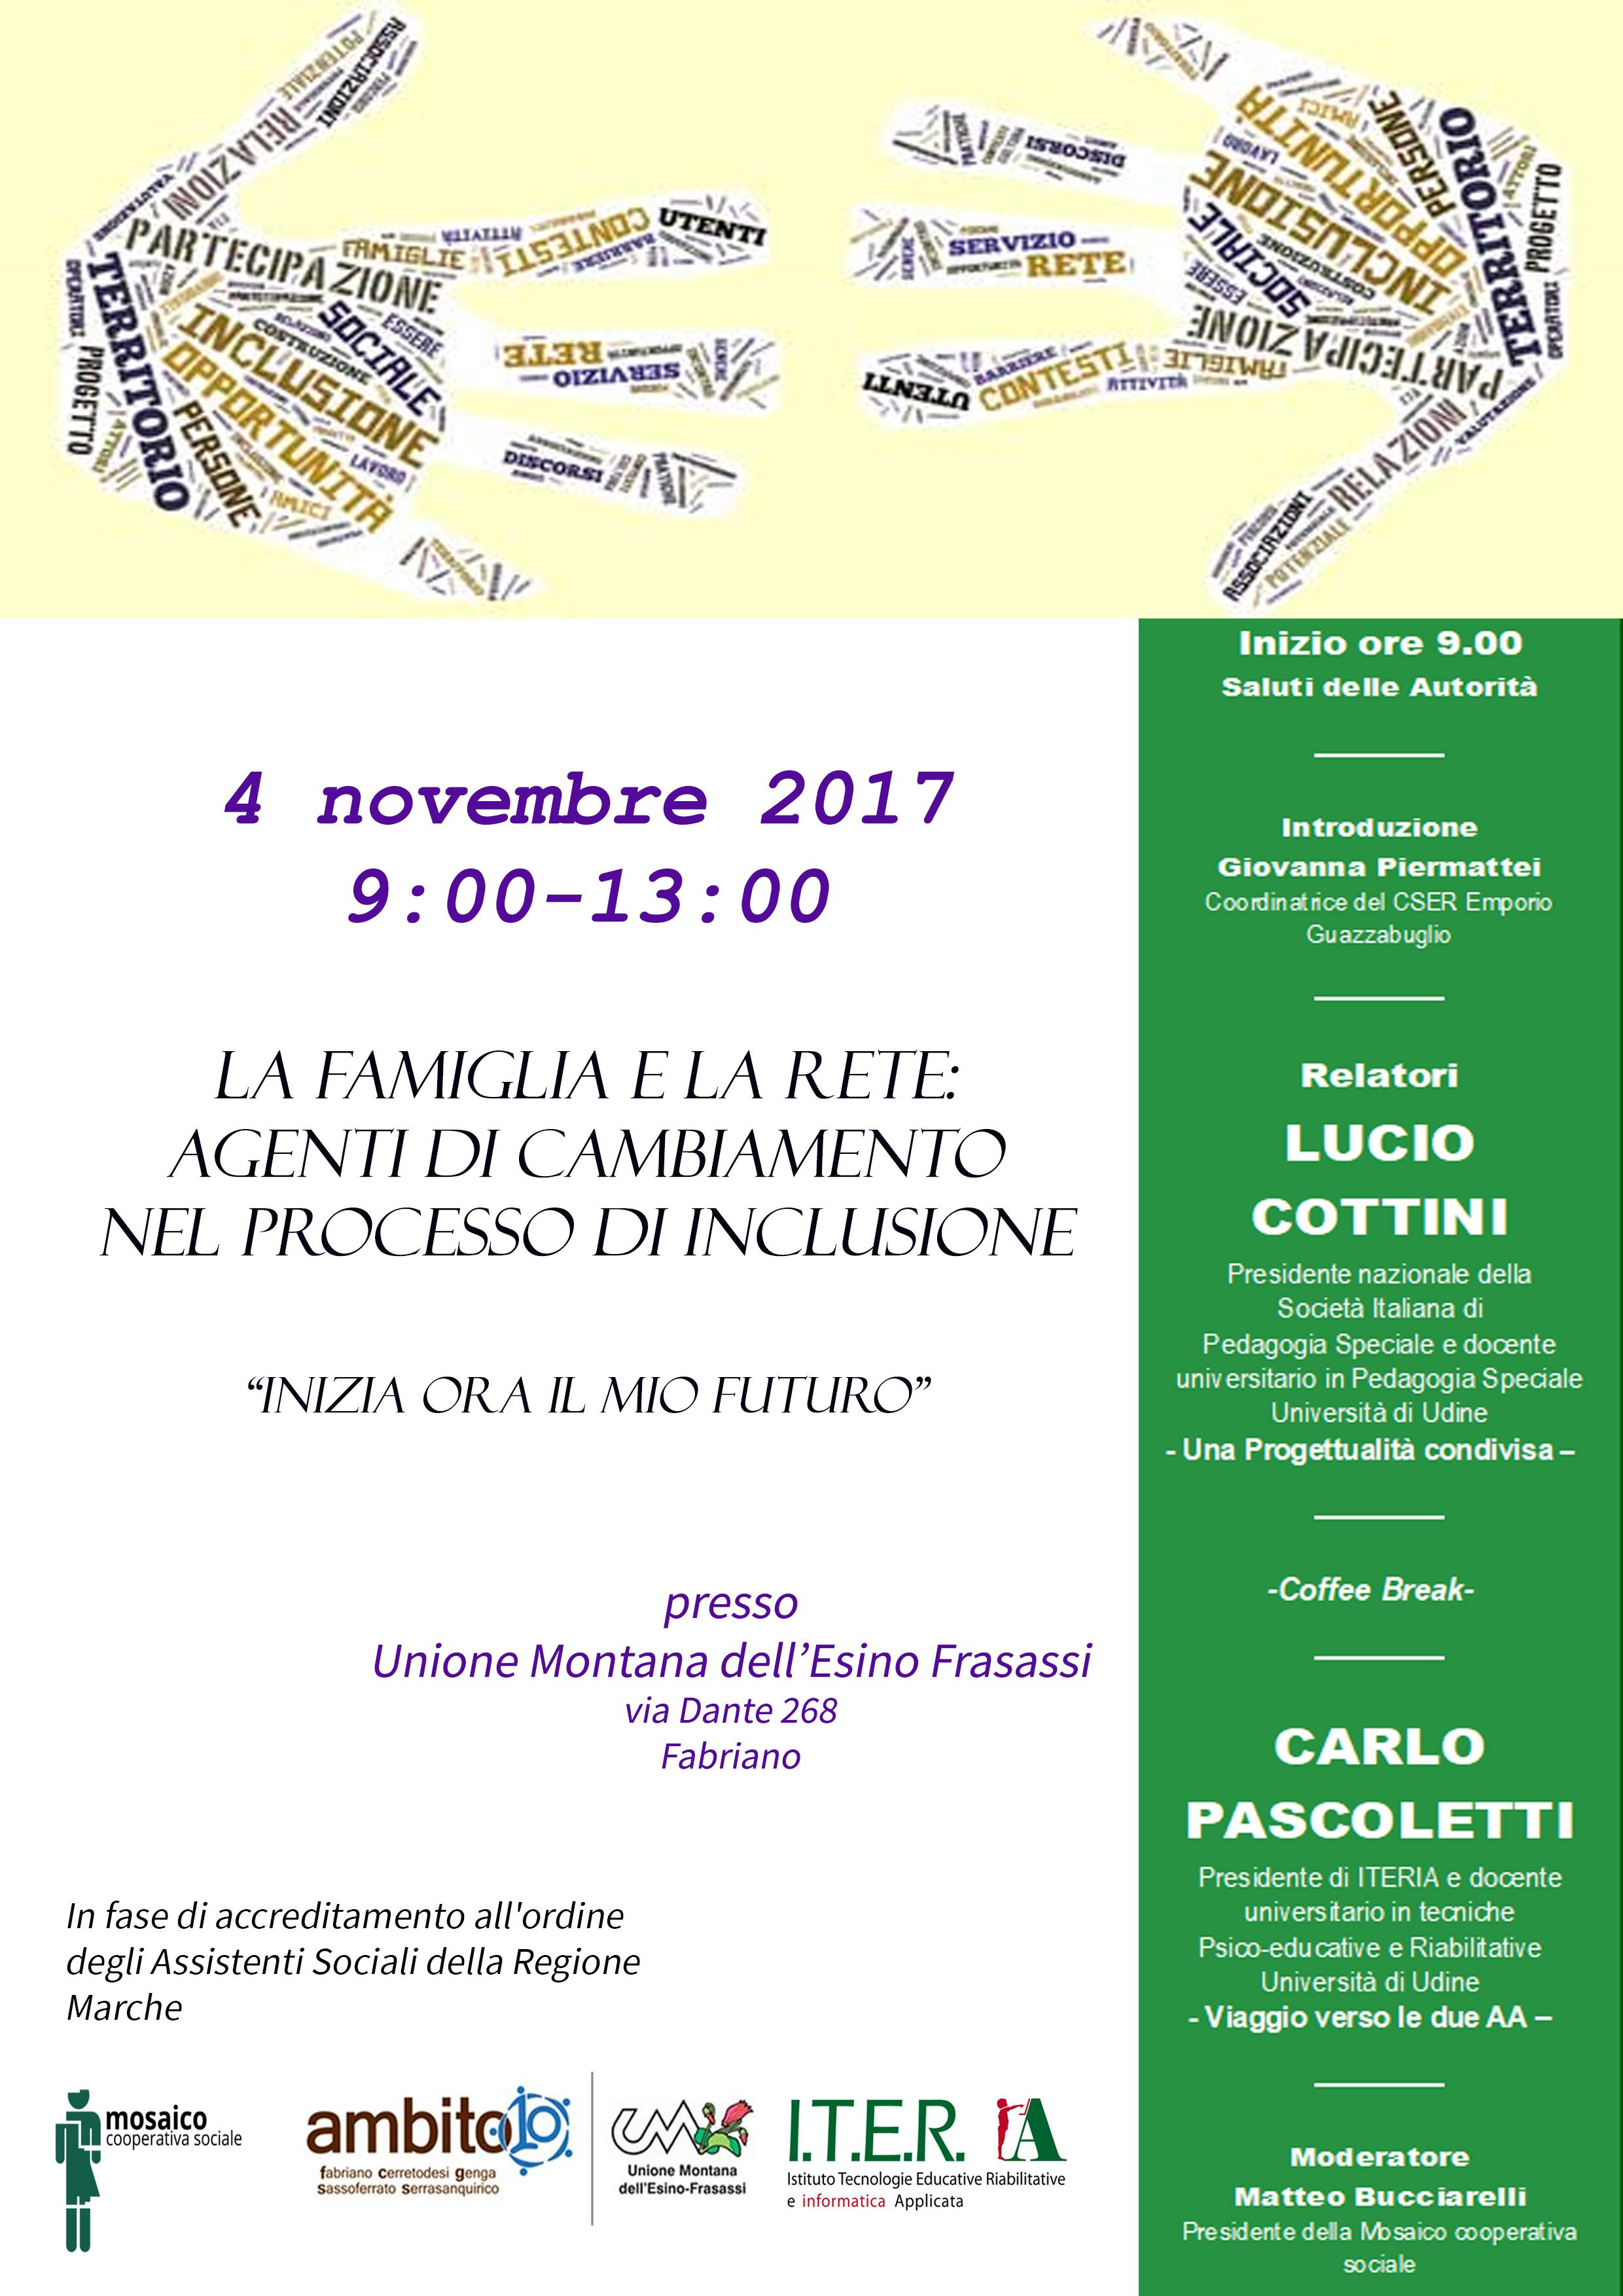 locandina convegno Cottini-Pascoletti